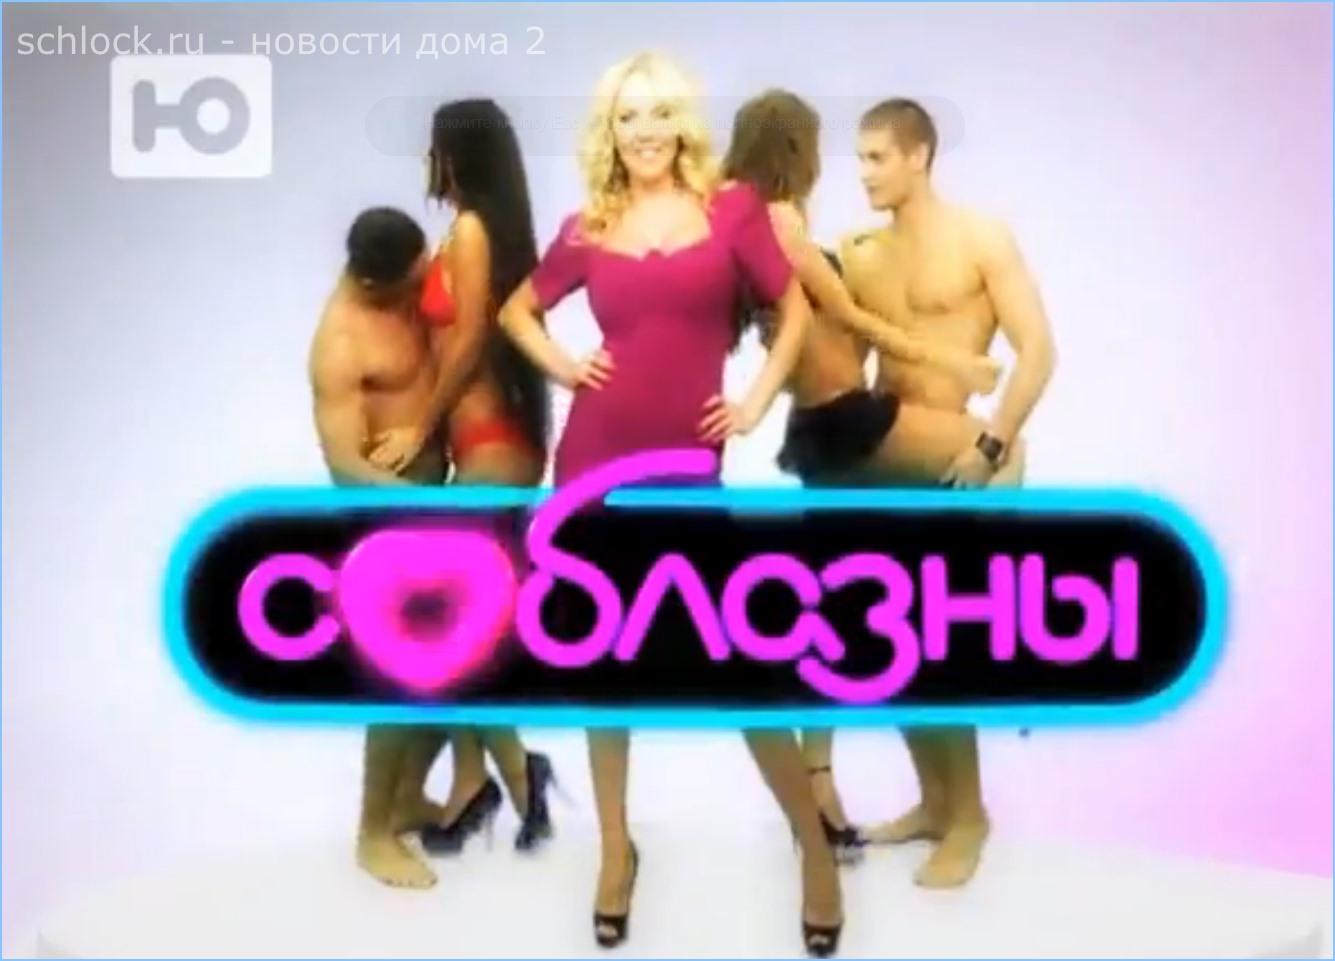 Бесплатное порно видео смотреть онлайн в HD качестве на uhtube.cc